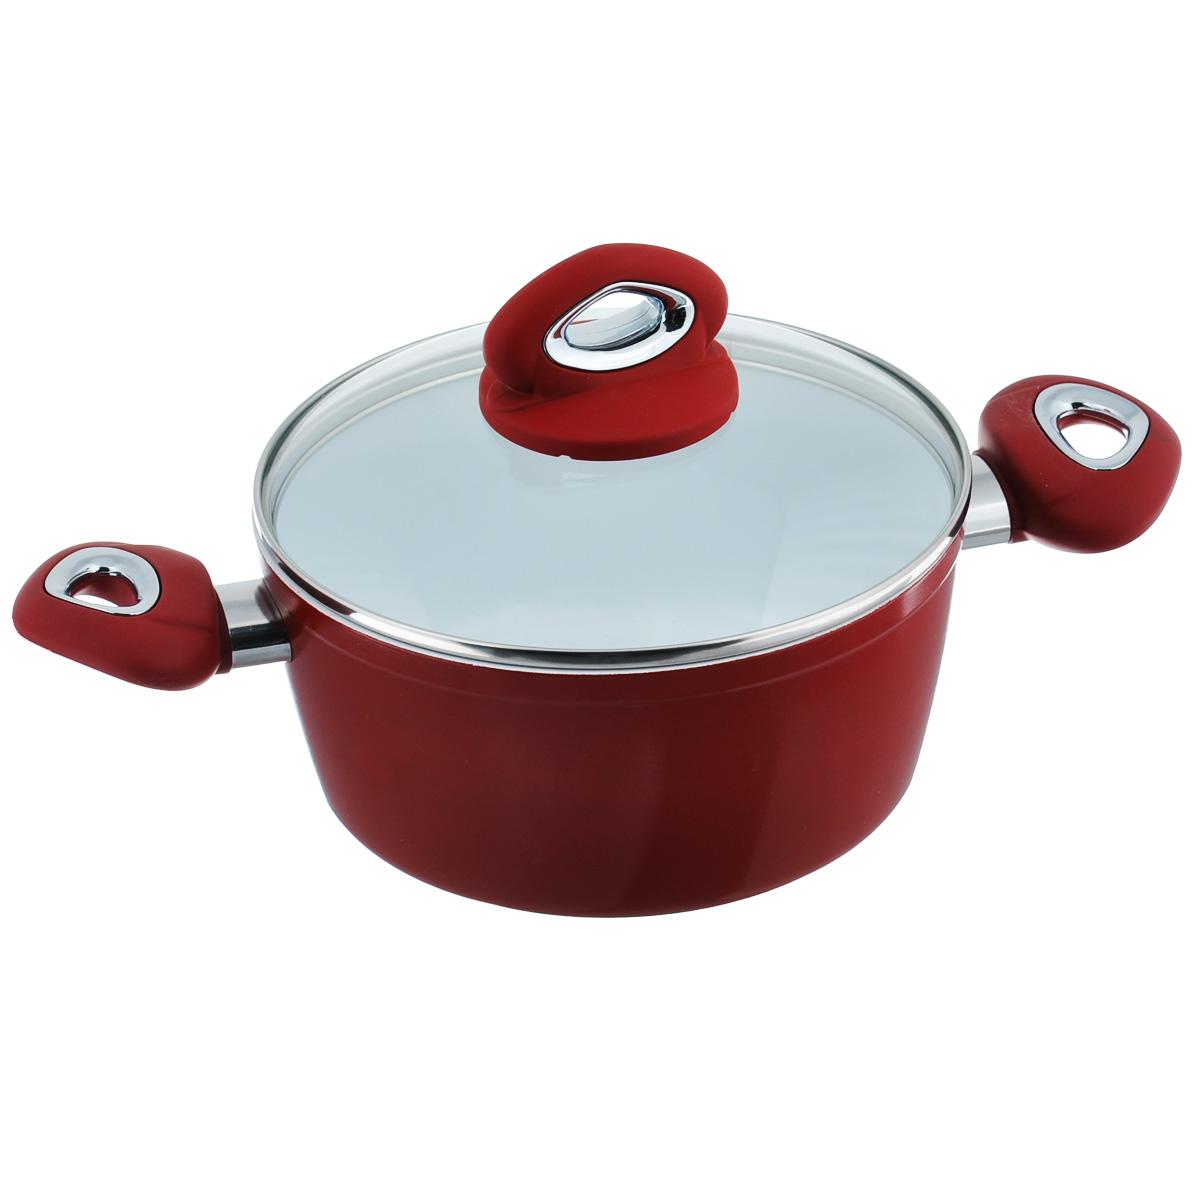 Кастрюля Bialetti с крышкой, с керамическим покрытием, цвет: красный, 2,5 л54 009312Кастрюля Bialetti изготовлена из тяжело анодированного алюминия - металла прочнее стали, который обладает отличными антипригарными свойствами и высокой теплопроводностью. Вам потребуется меньше времени и меньший температурный режим для готовки, т.к. эко посуда нагревается быстрее и сильнее, чем традиционная. При производстве посуды Bialetti не используются опасные для окружающей среды компоненты (такие как PFOA), имеющие длительный период распада. Особо прочное керамическое покрытие Aeternum предотвращает пригорание пищи и обеспечивает ее легкое приготовление. Кроме того, покрытие обладает жиро- и водоотталкивающими свойствами, поэтому легко чистится. Удобные ручки выполнены из бакелита с прорезиненным покрытием. Крышка изготовлена из жаропрочного стекла. Внешние стенки покрыты жаропрочной эмалью красного цвета. Самым неожиданным станут впечатления от цвета посуды - пожарьте мясо или картошку на белоснежной керамической посуде хоть один раз, и вы больше не сможете есть продукты, приготовленные на традиционных черных и темно-серых поверхностях. Подходит для всех плит, кроме индукционных. Можно мыть в посудомоечной машине. Высота стенки: 10 см. Ширина (с учетом ручек): 35 см. Толщина стенки: 3 мм. Толщина дна: 5 мм. Диаметр основания: 16 см.